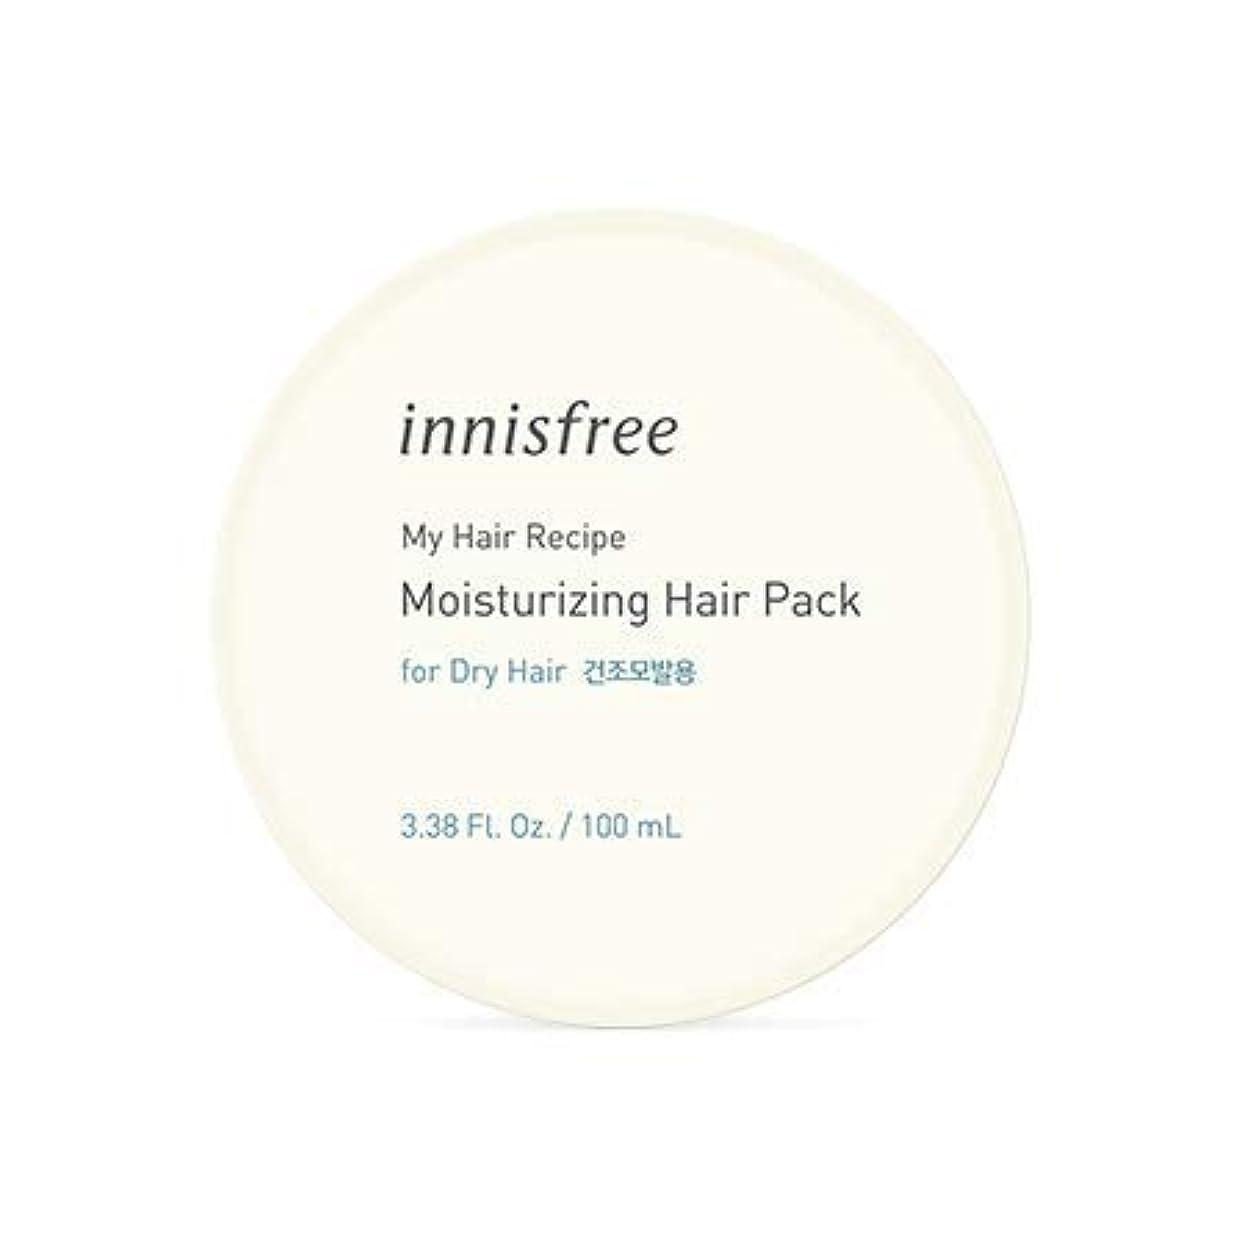 リゾート事務所特定の[イニスフリー.INNISFREE]マイヘアレシピモイスチャライジングヘアパック[乾燥毛髪用] (100mL×2EA) / HAIR RECIPE MOISTURIZING HAIR PACK_しっとりツヤ私レシピで乾燥毛髪...